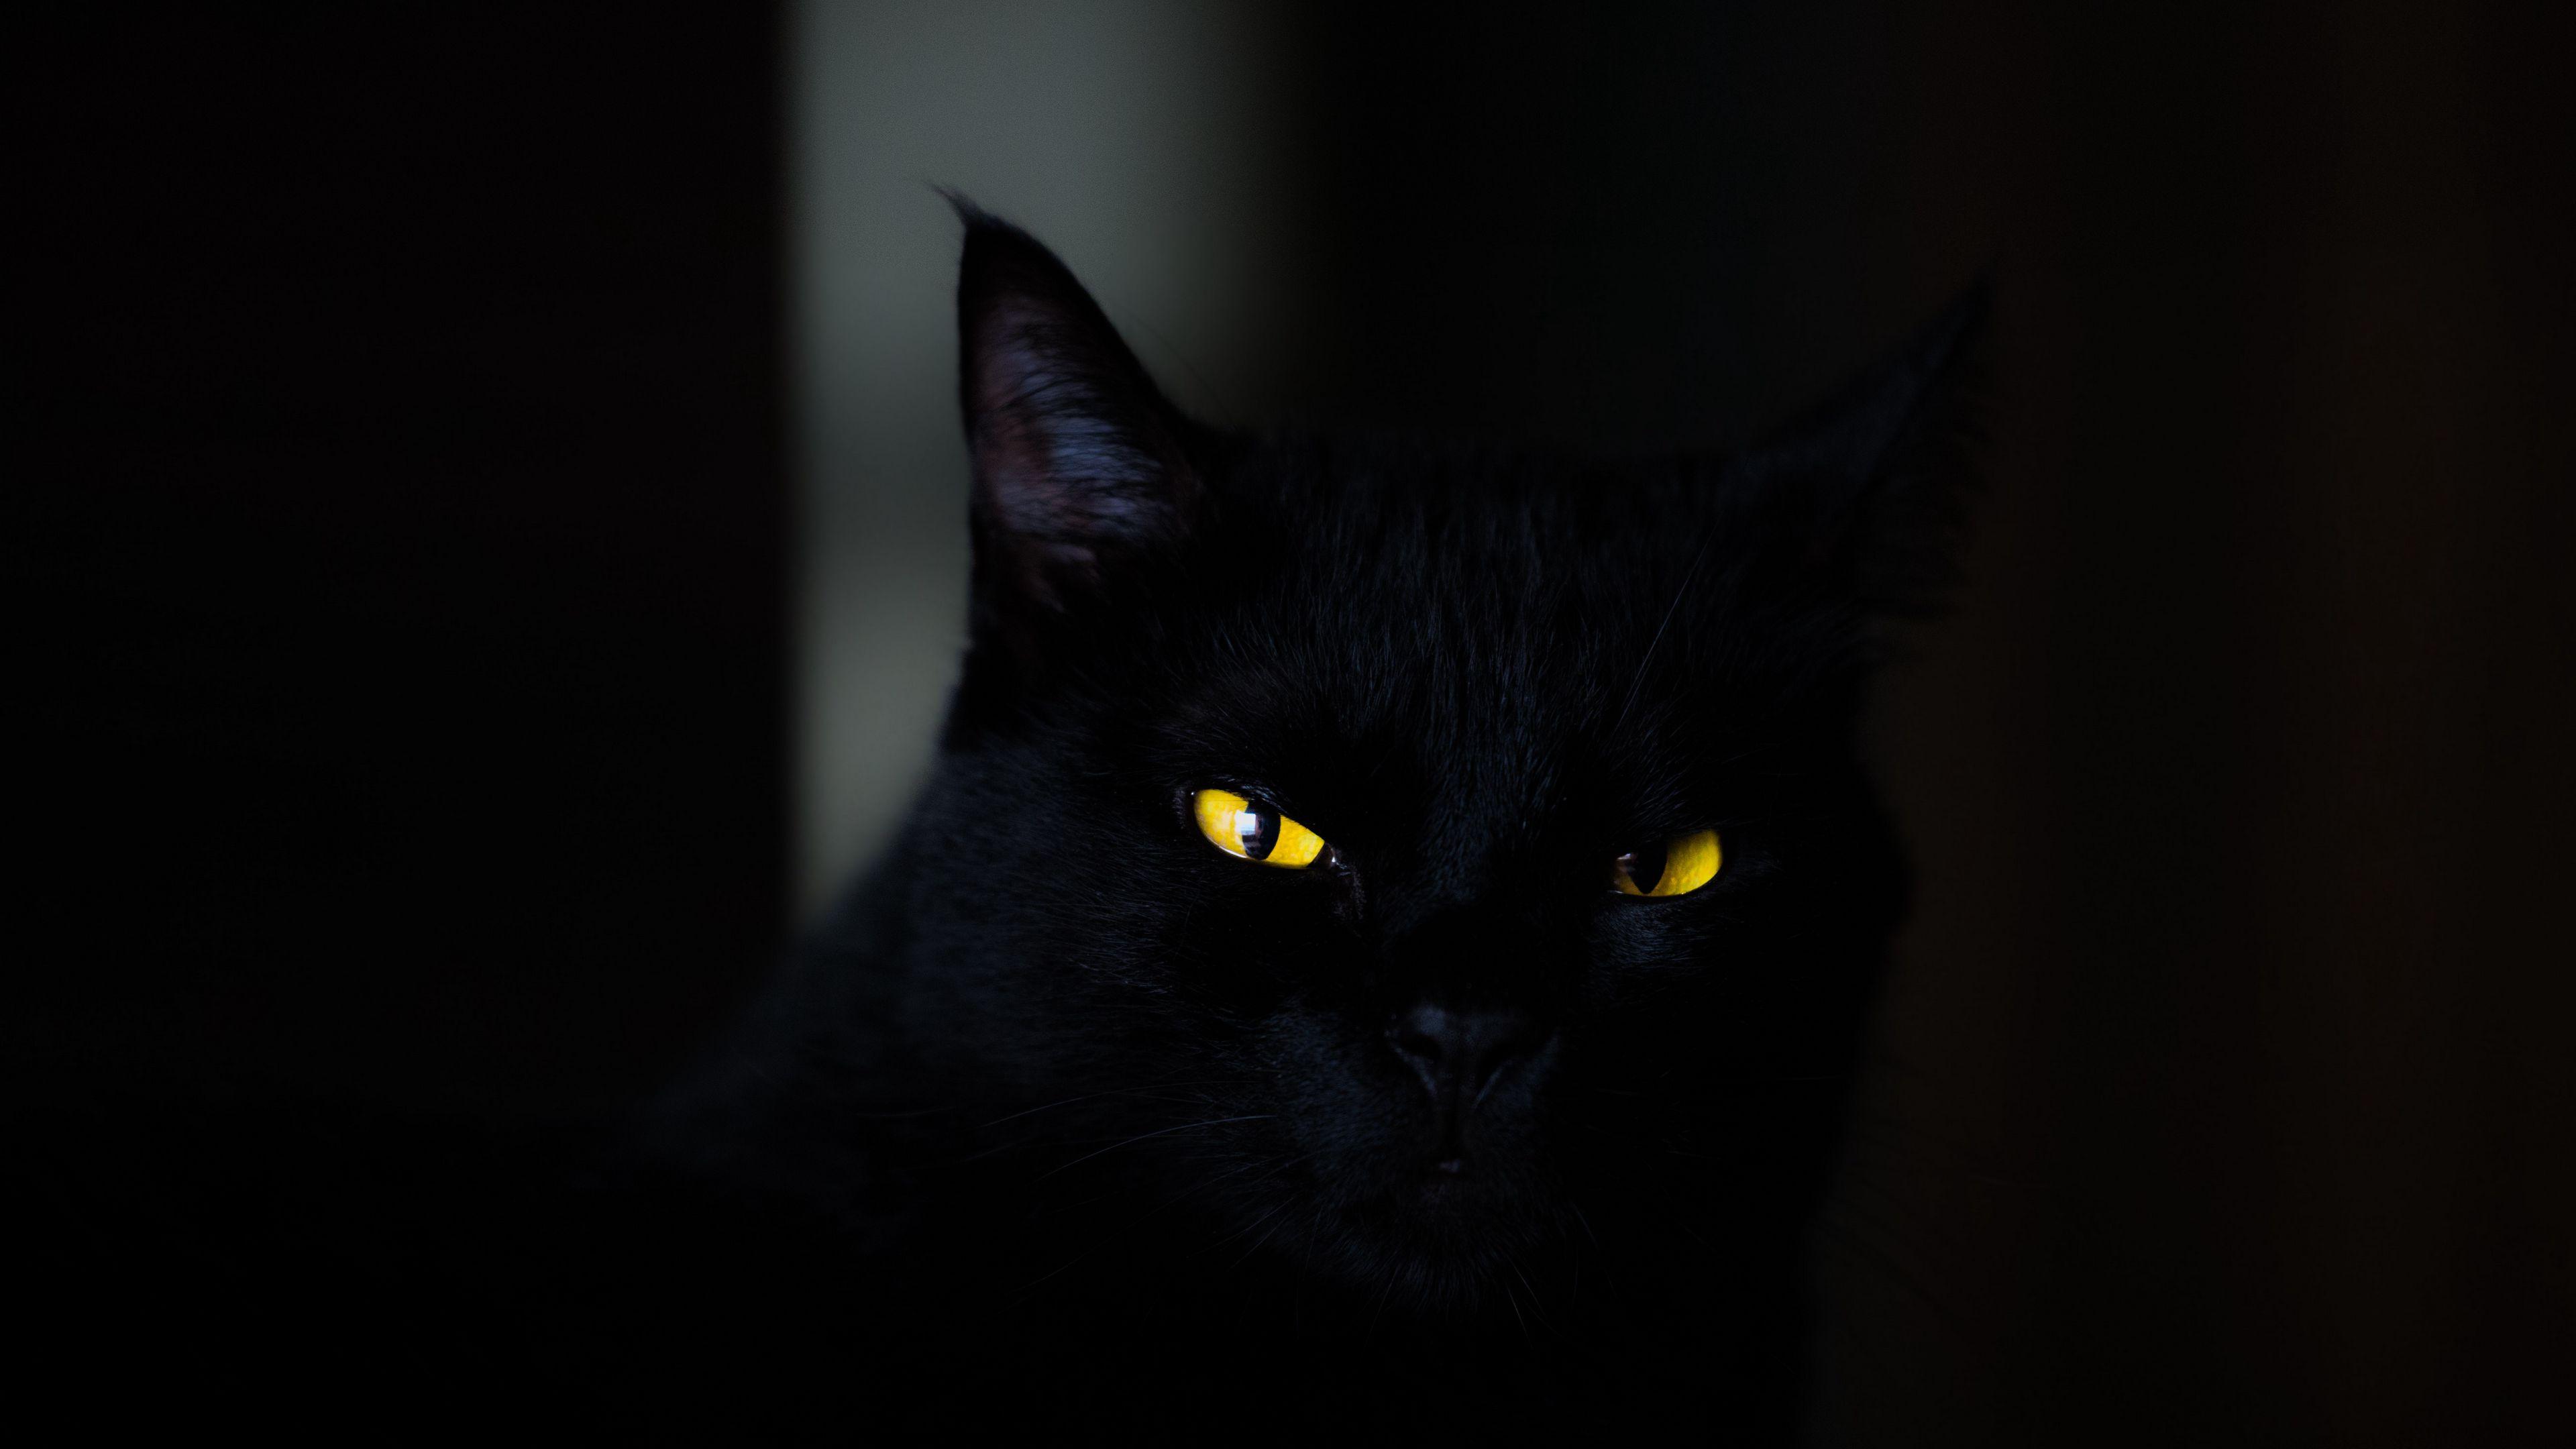 3840x2160 Обои кот, глаза, черный